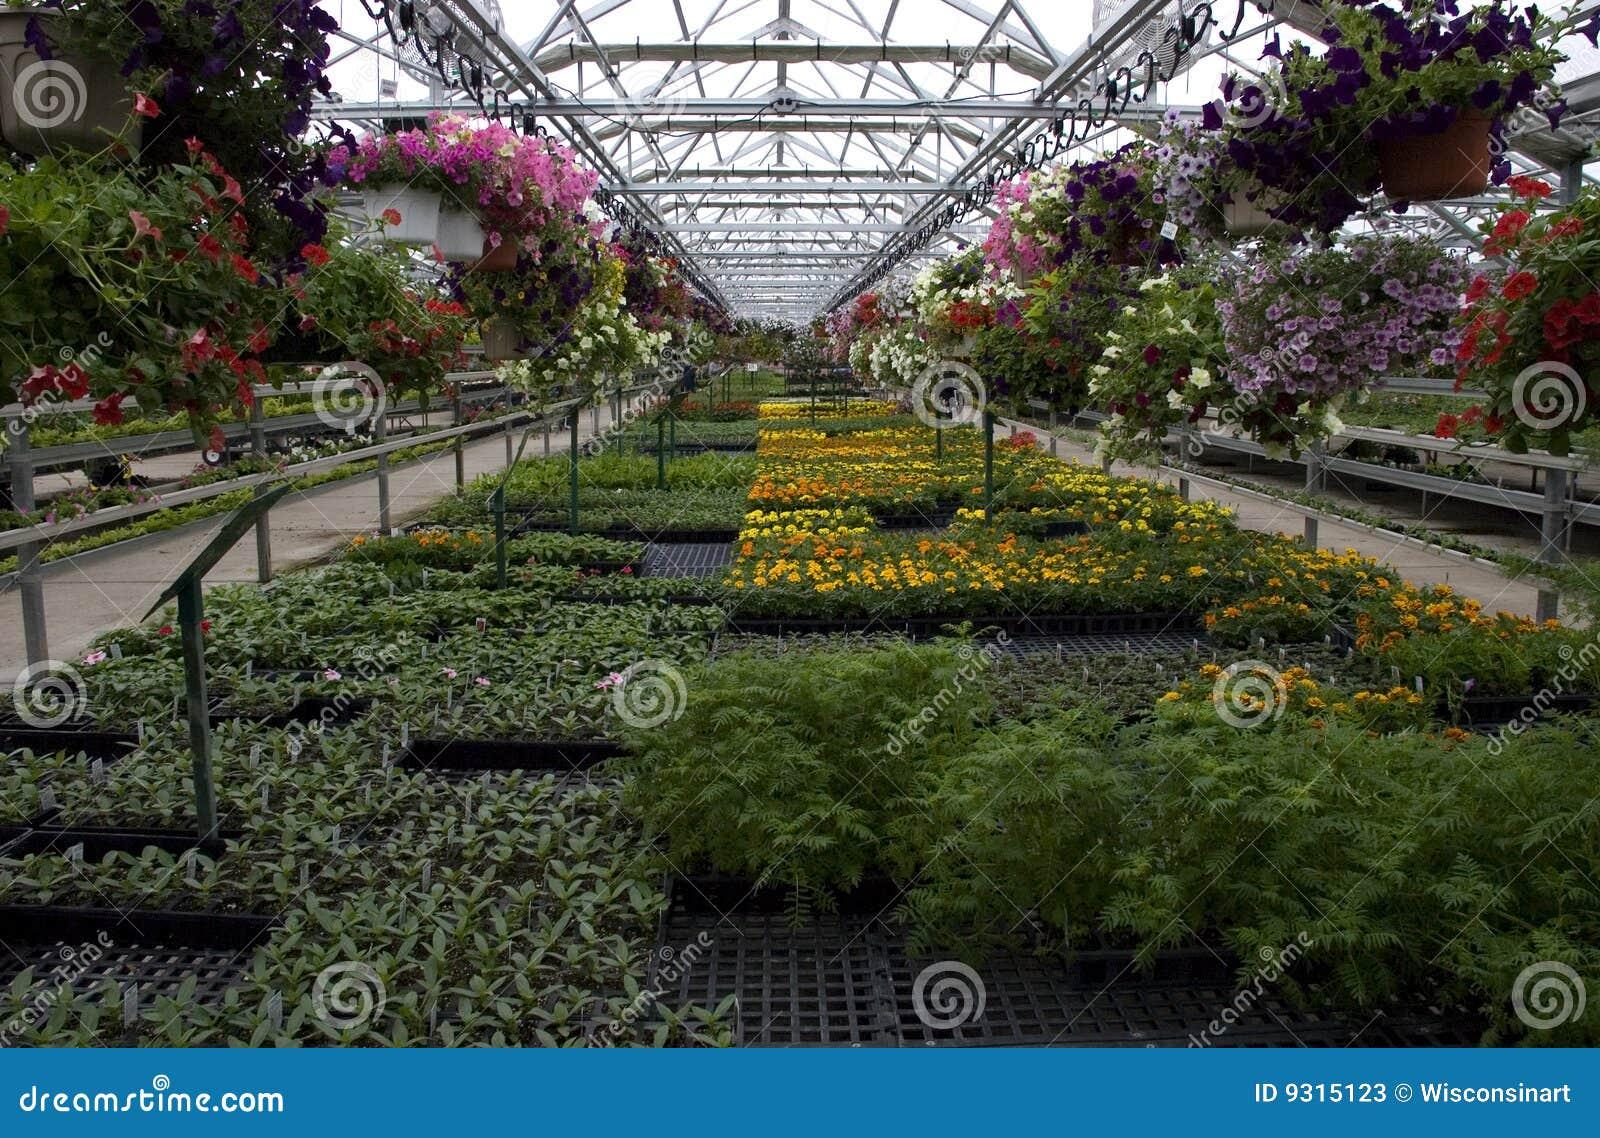 Plantas y flores de invernadero para la venta imagen de for Plantas para invernadero